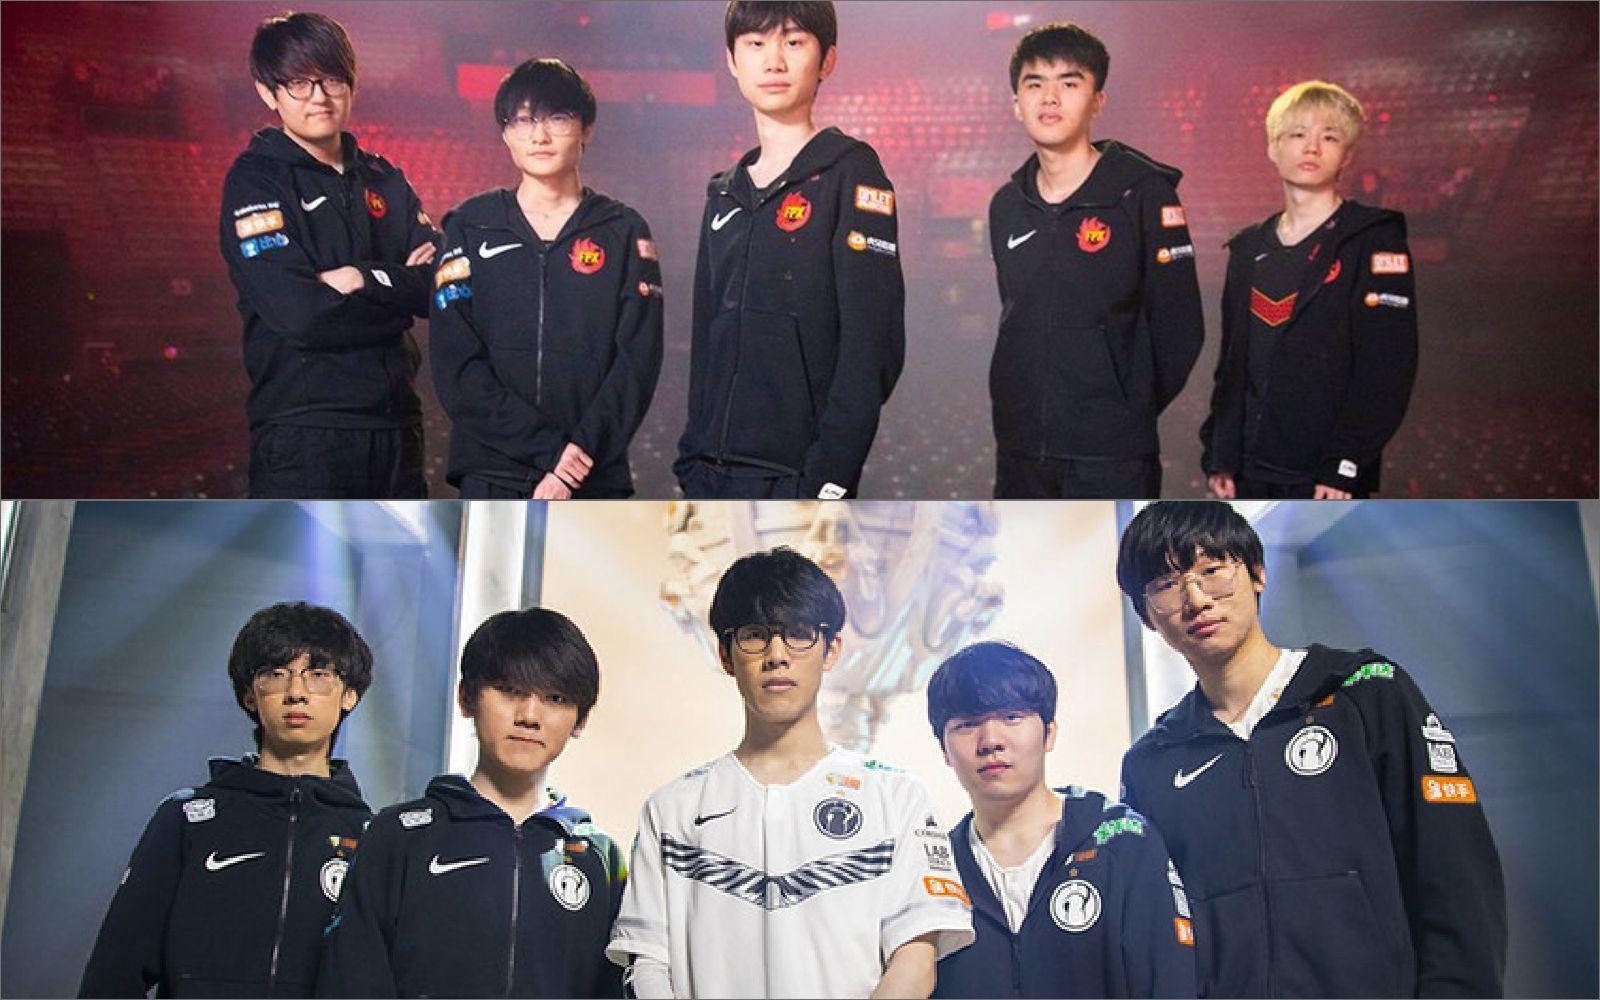 IG và FPX là những đội Trung Quốc đầu tiên vô địch thế giới.